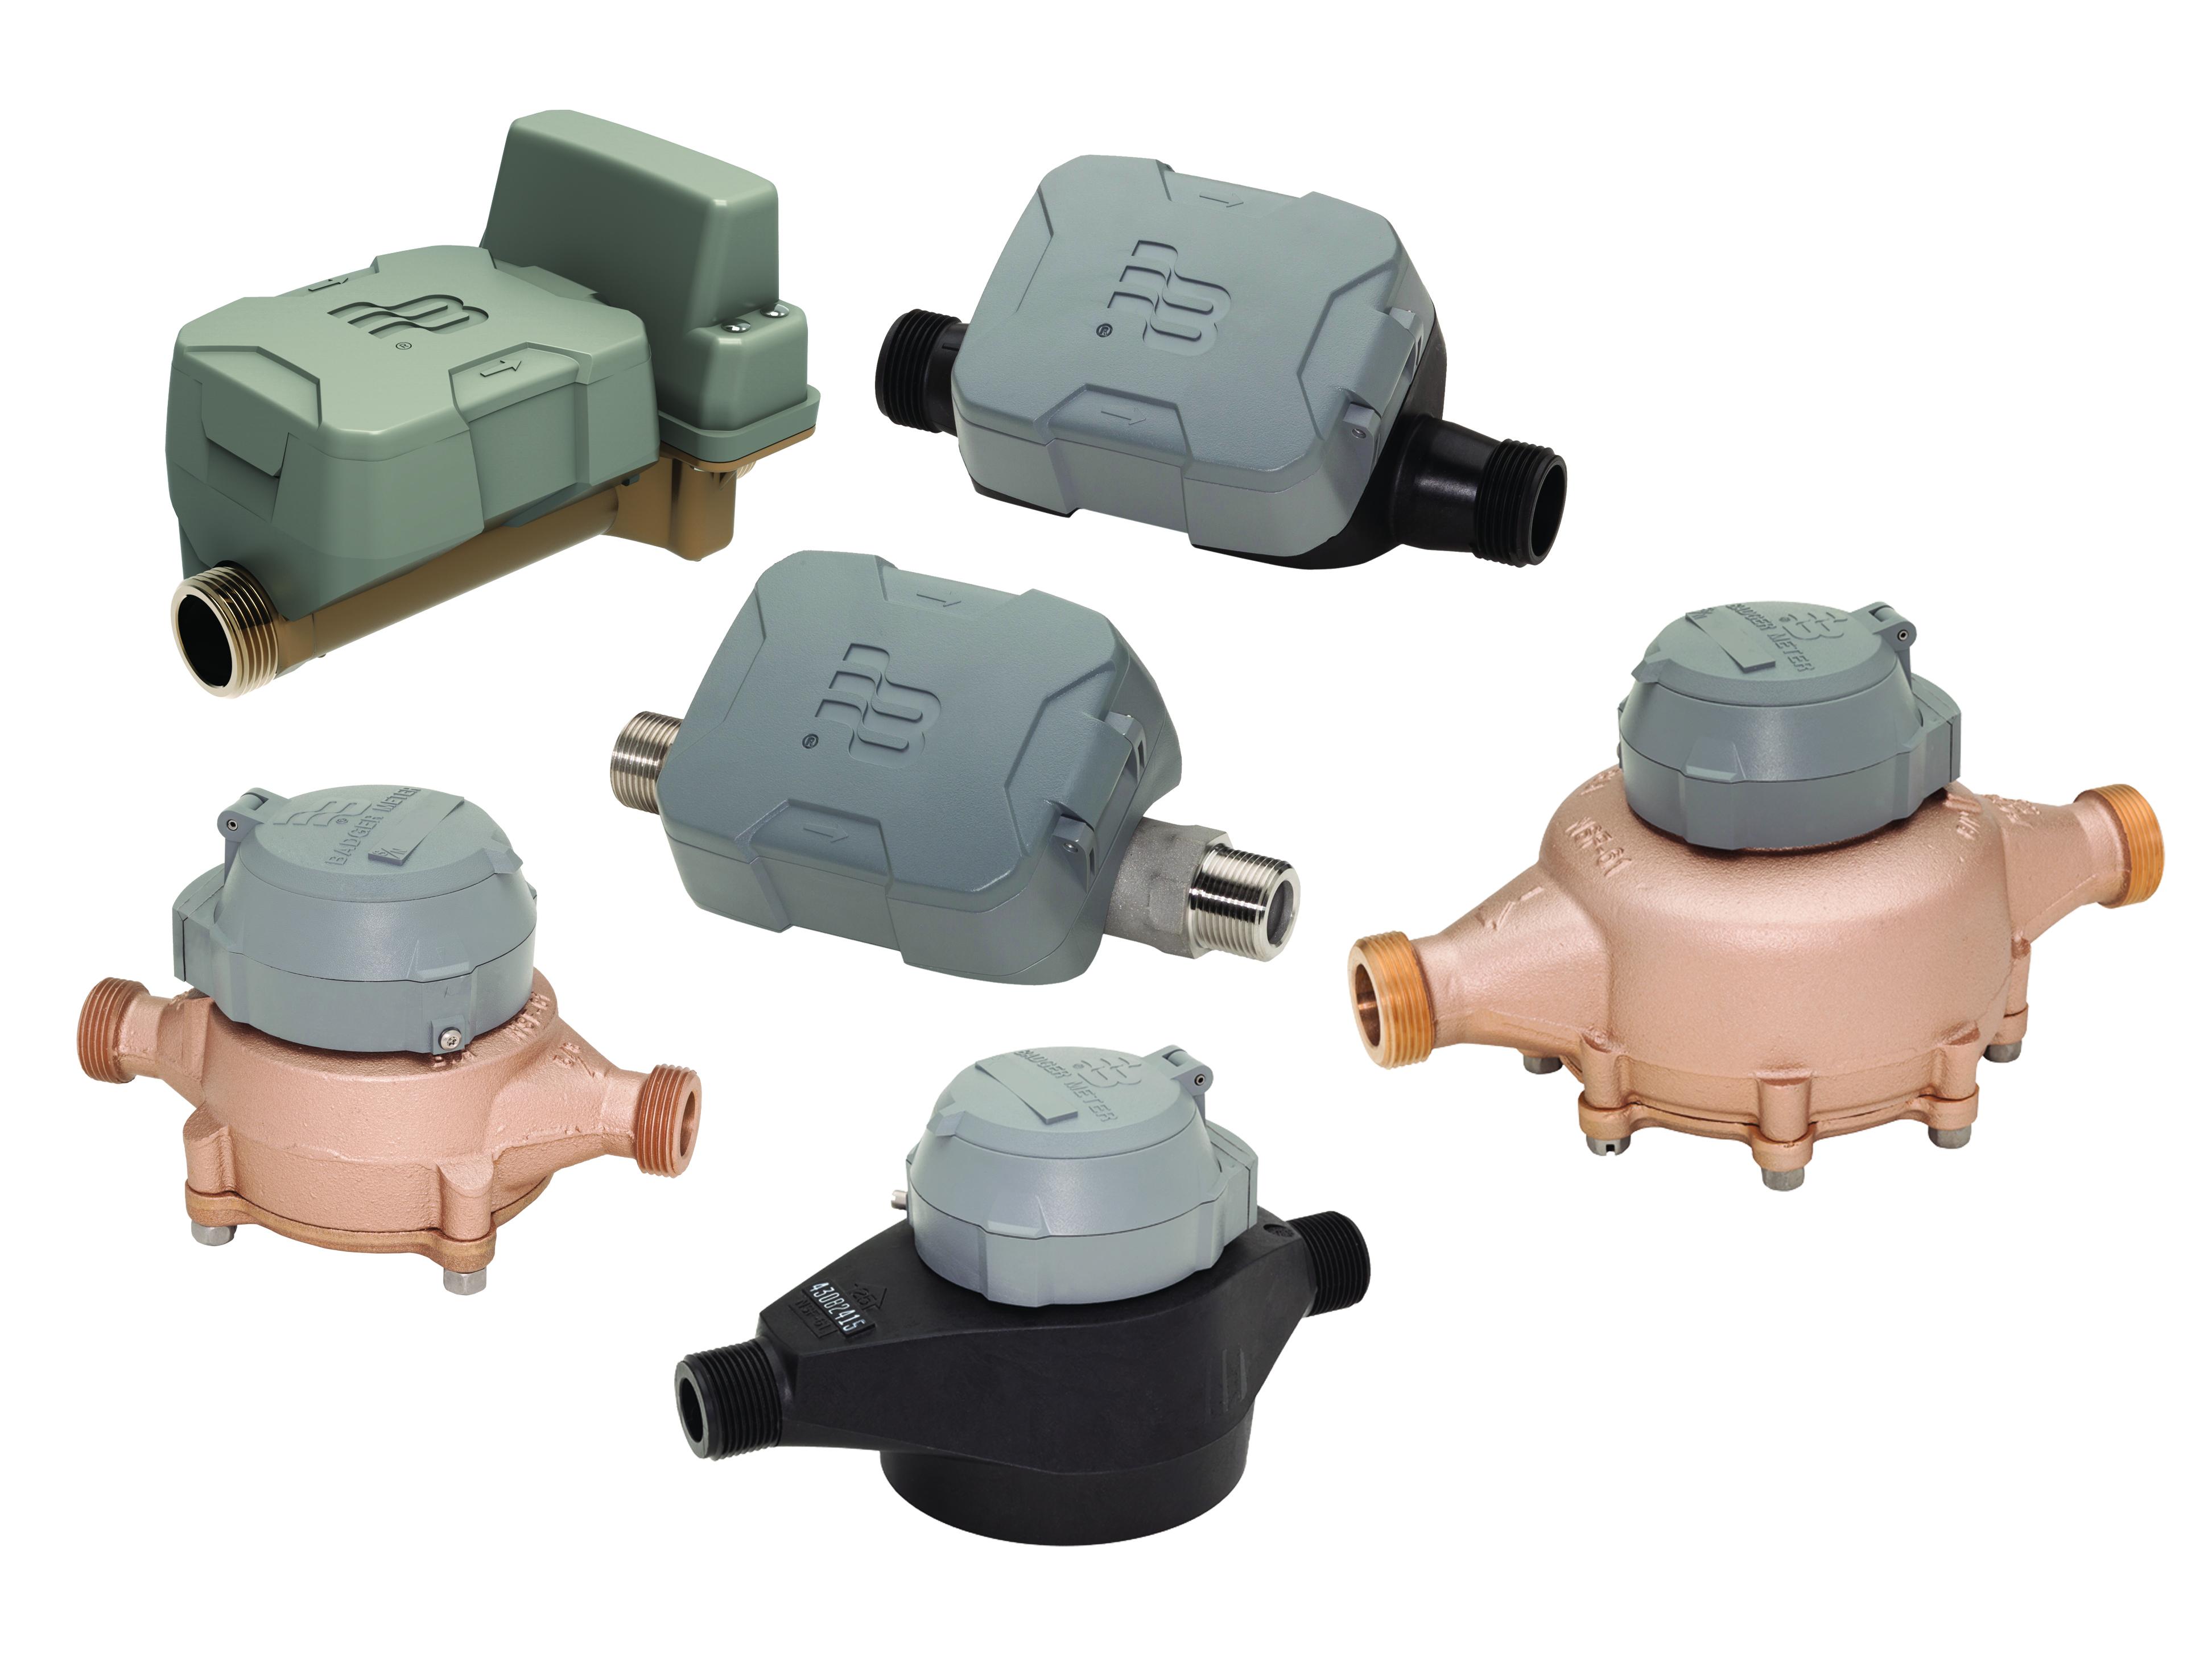 Residential Water Metering